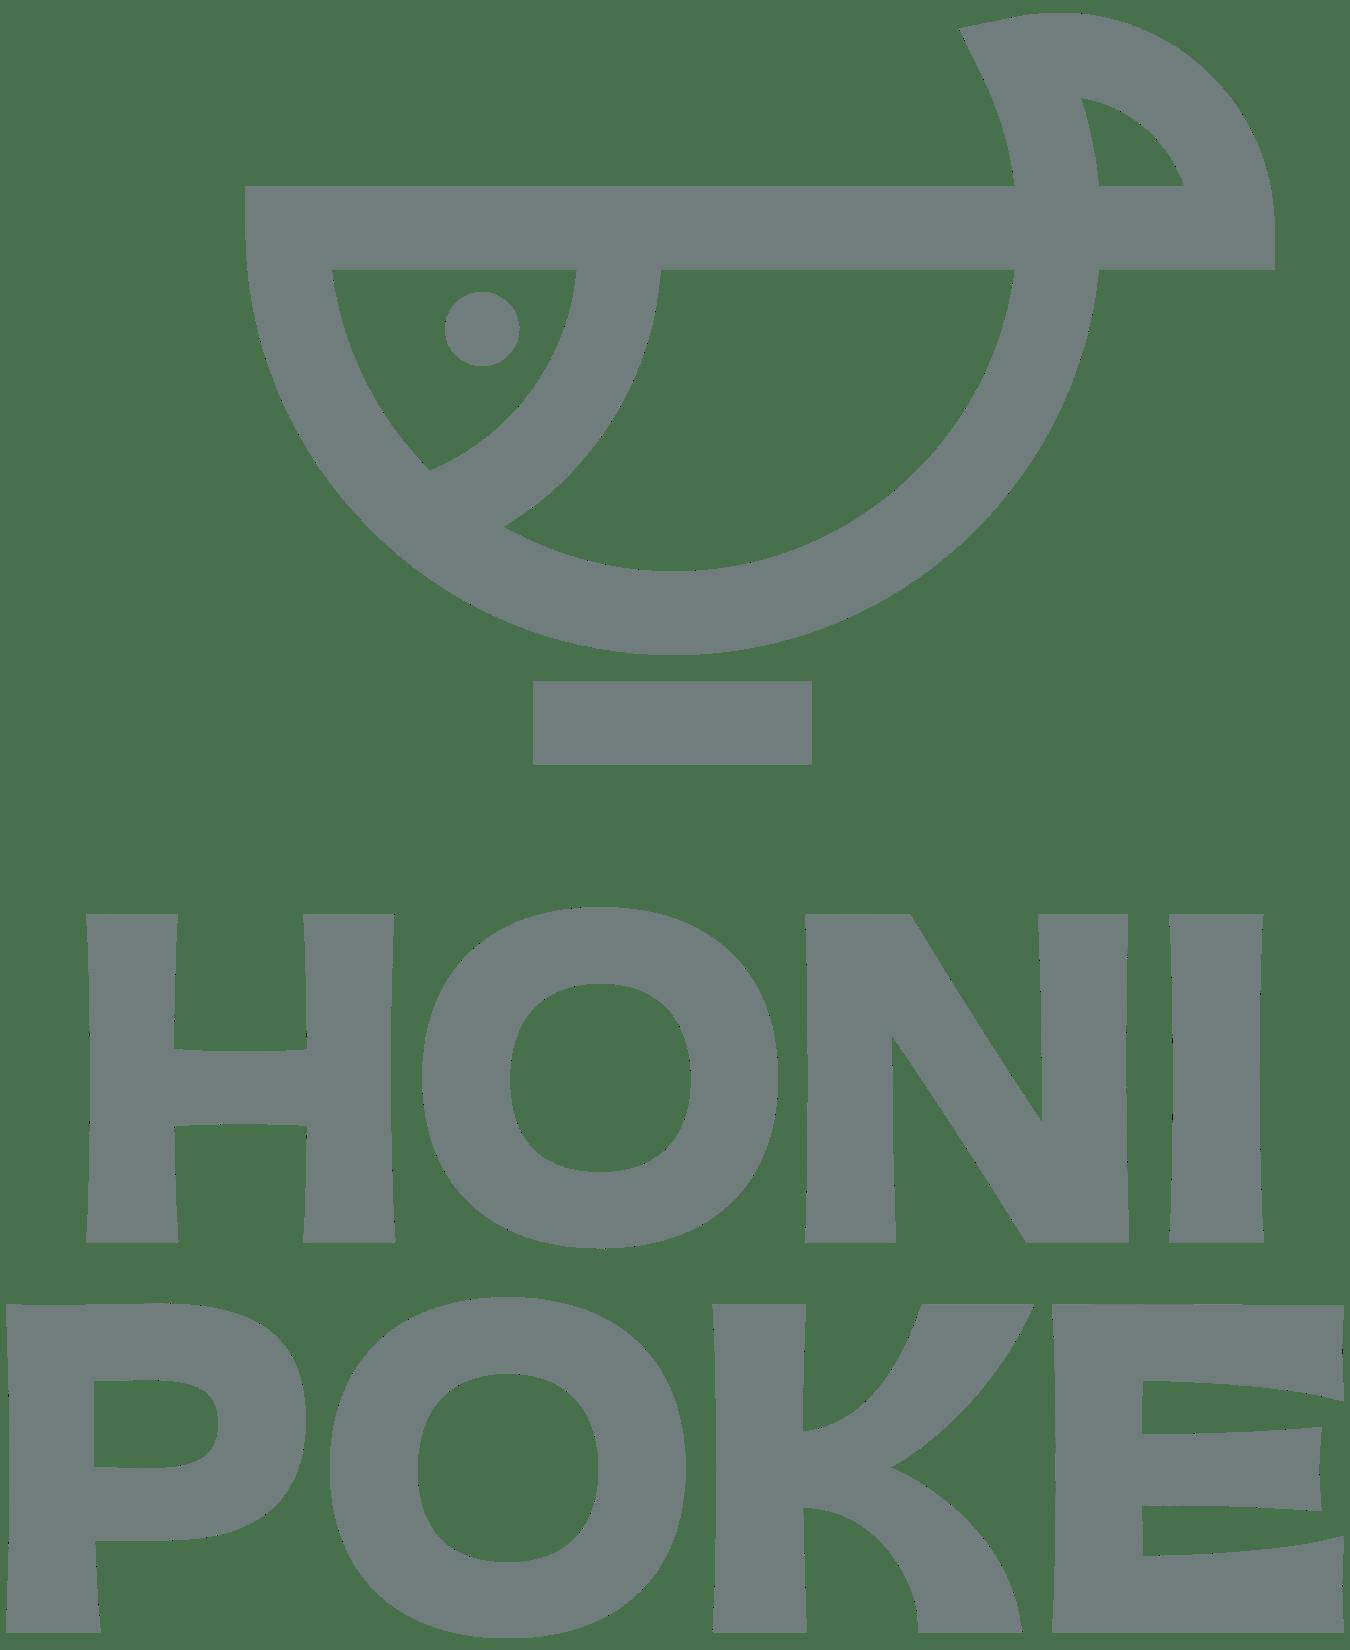 Honi Poke Logo